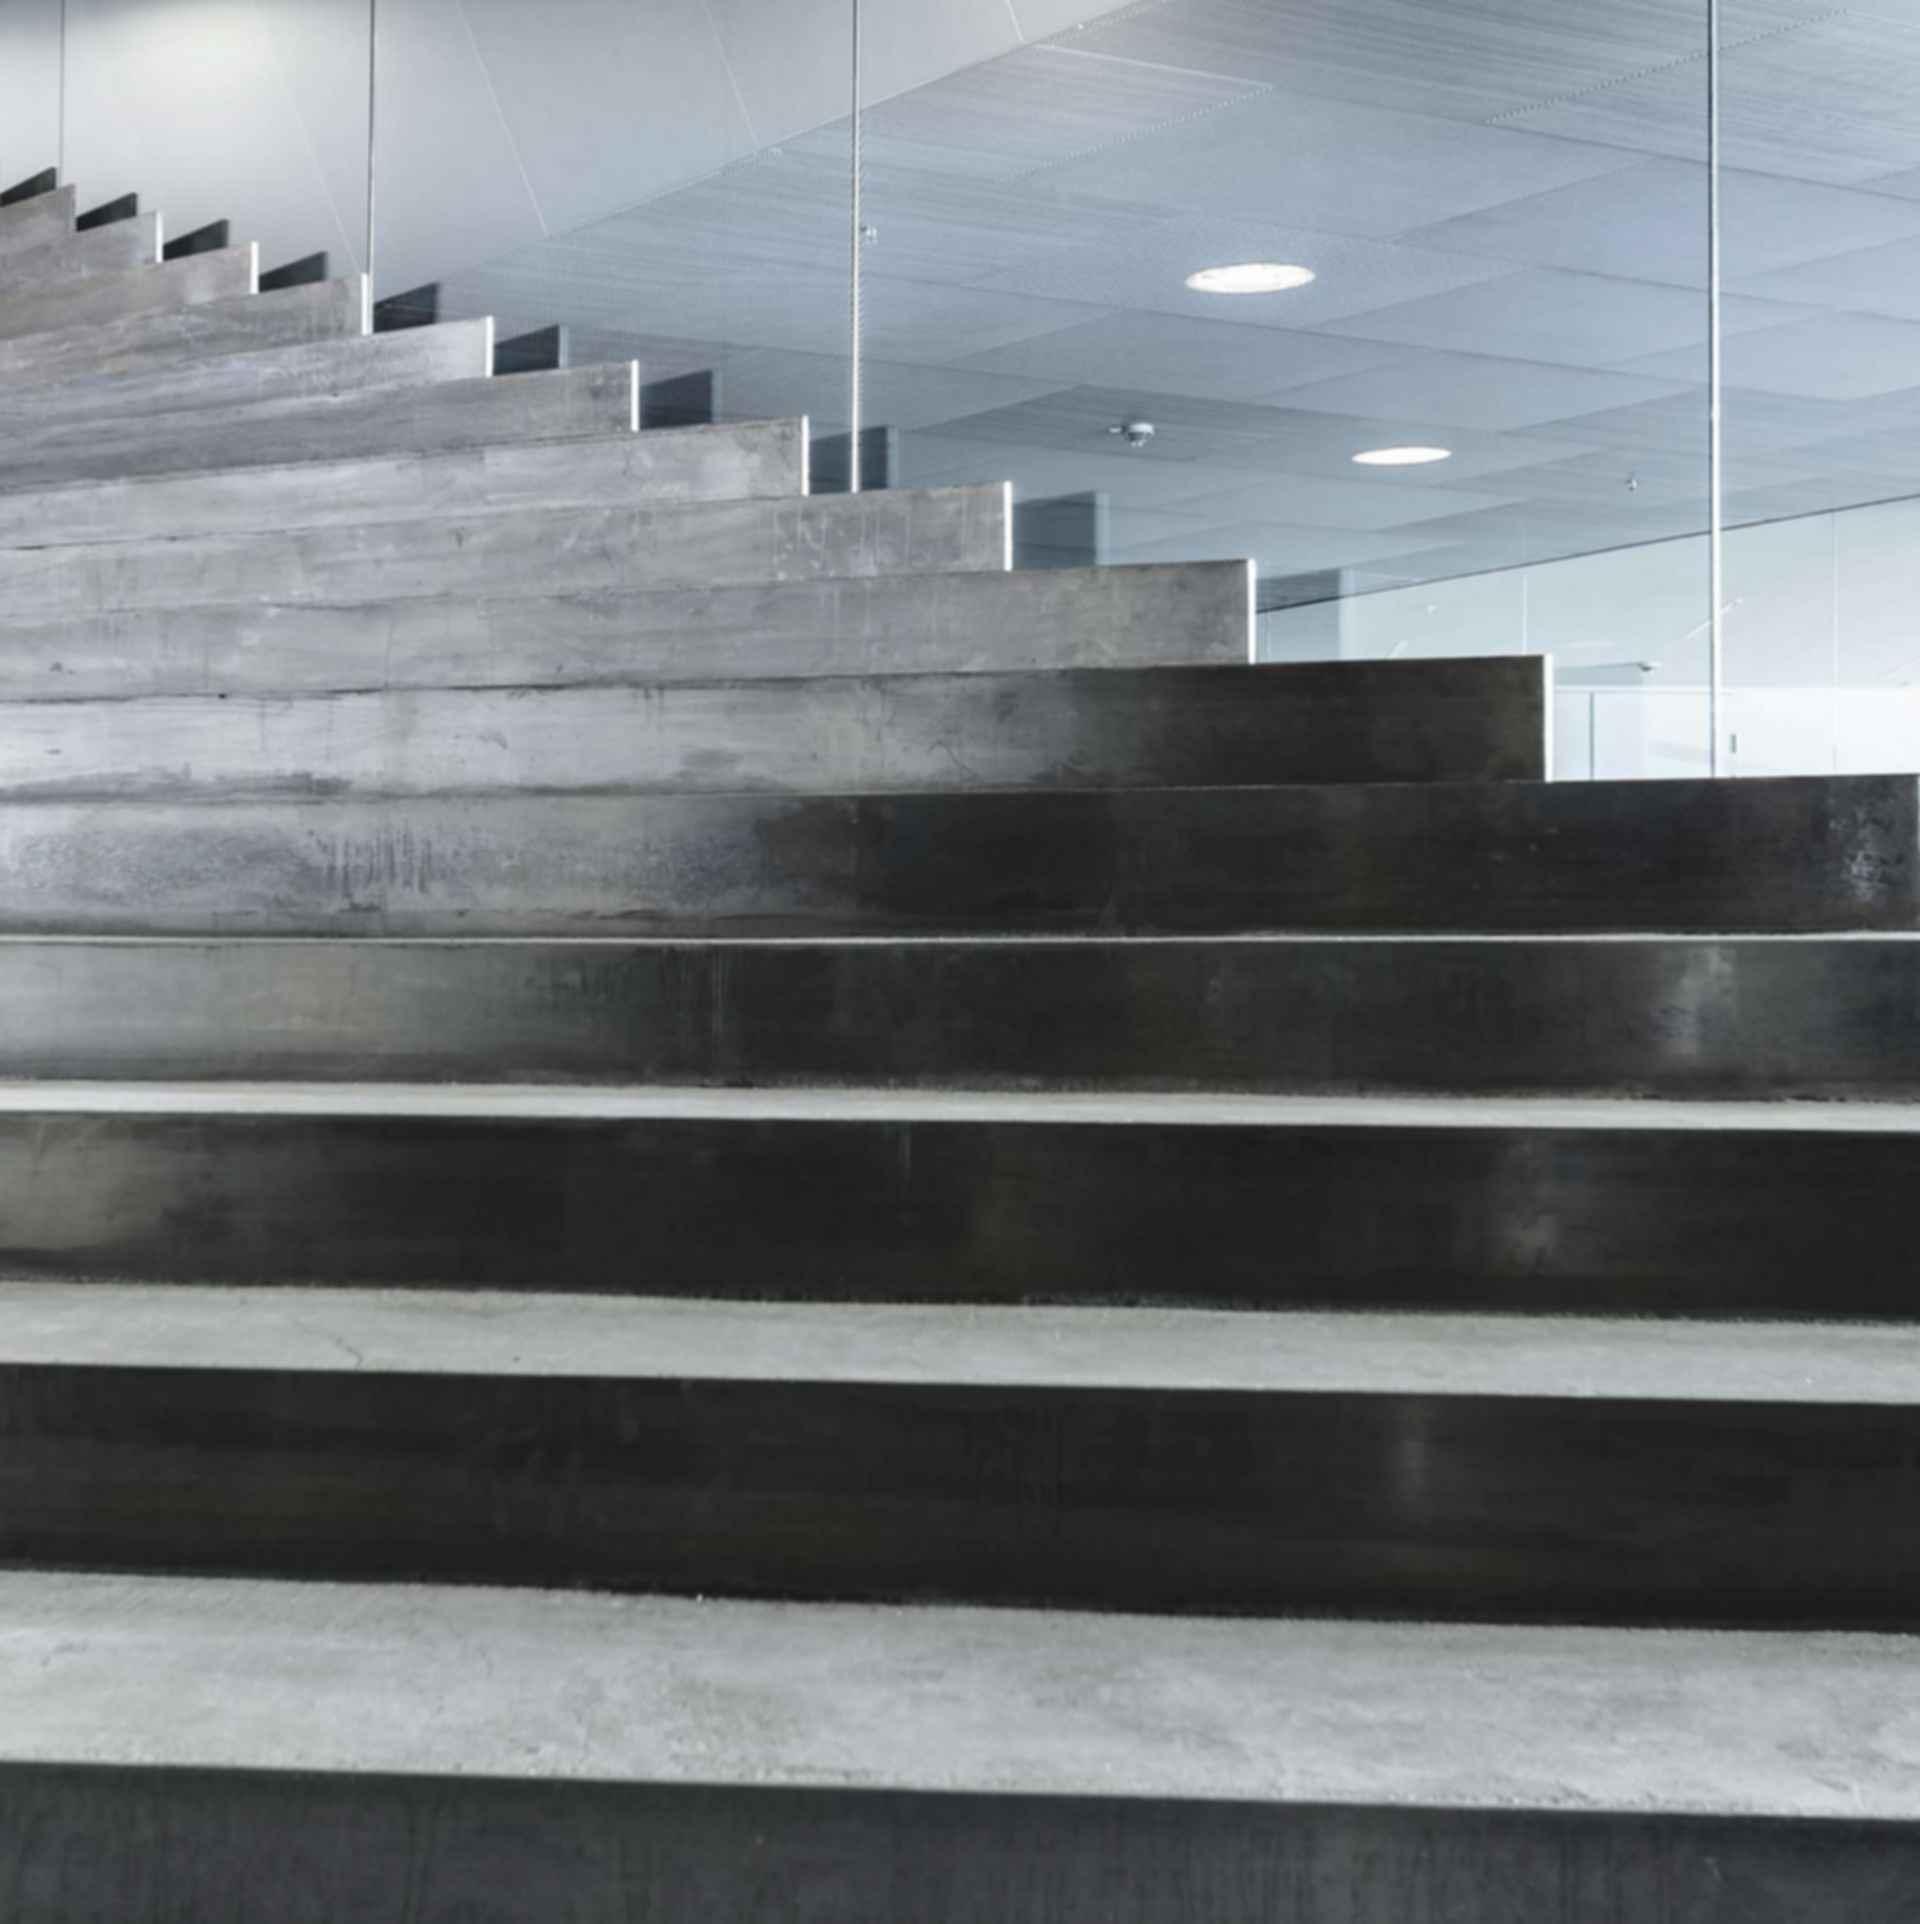 Danish National Maritime Museum - Interior/Stairs